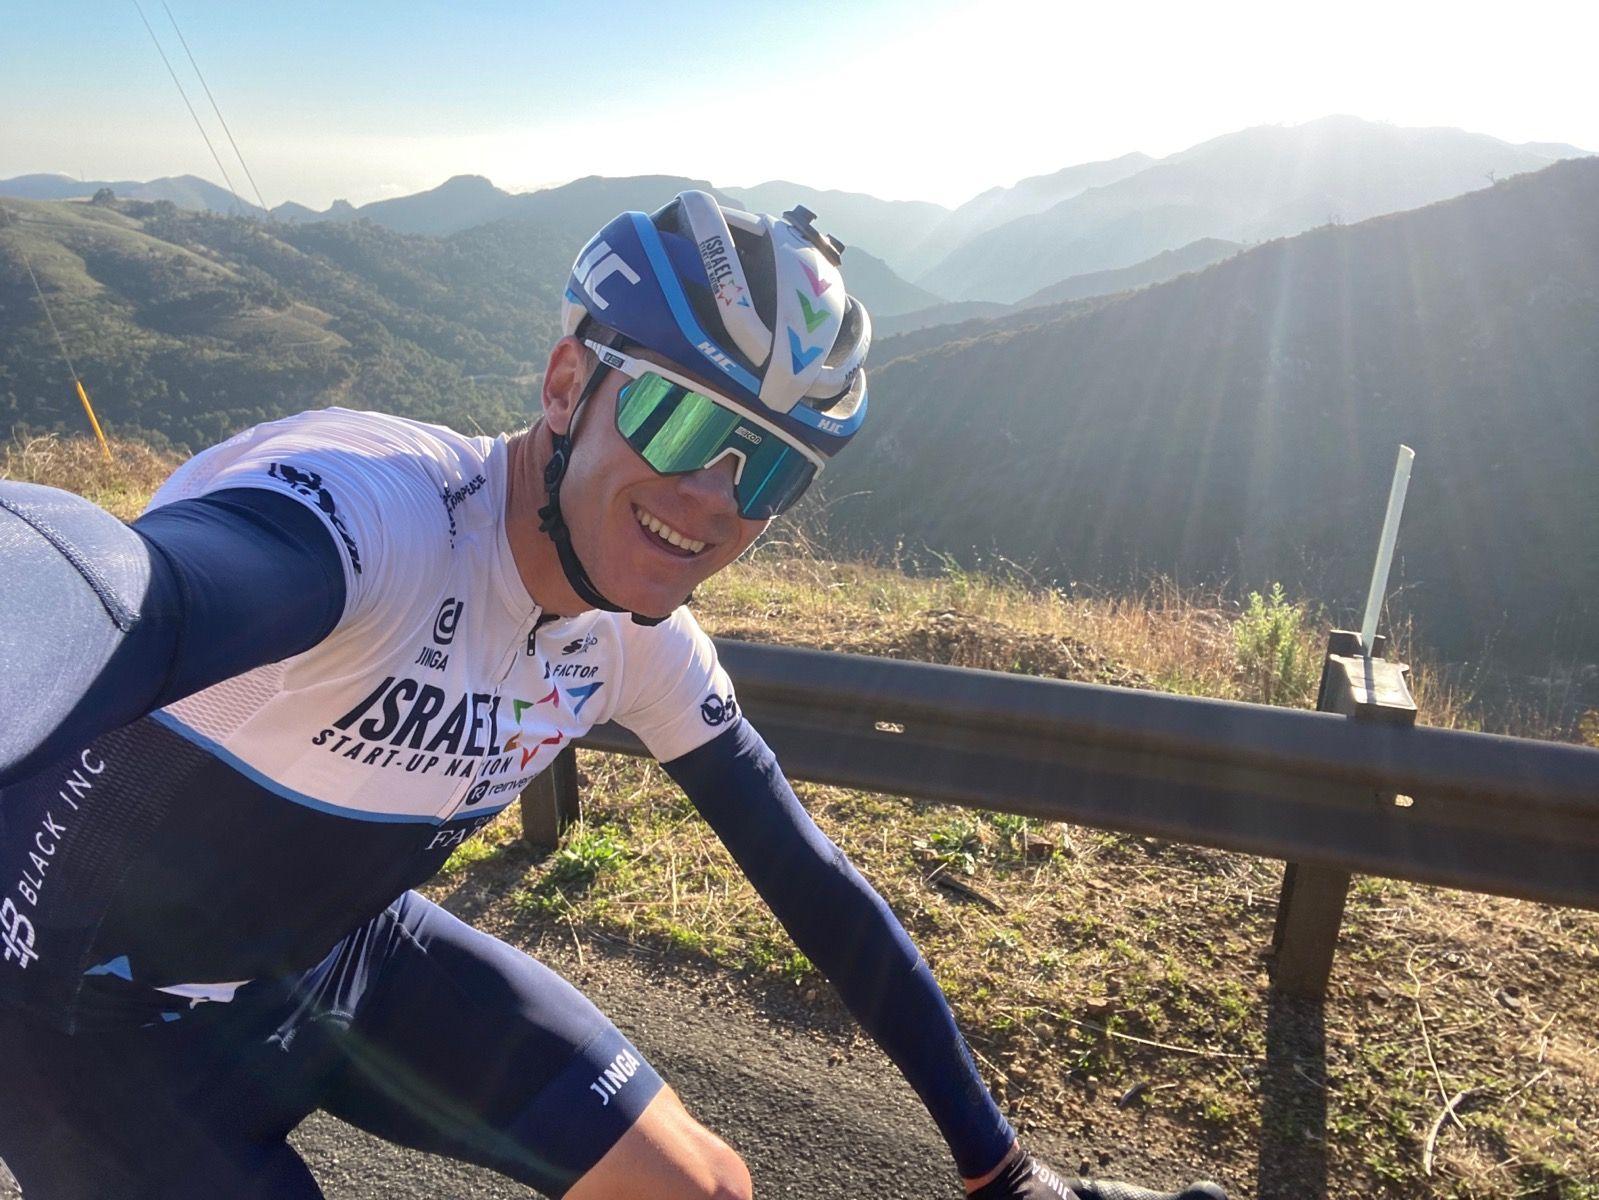 Chris Froome publica el último viaje de entrenamiento de California en Strava mientras se prepara para el debut de la temporada